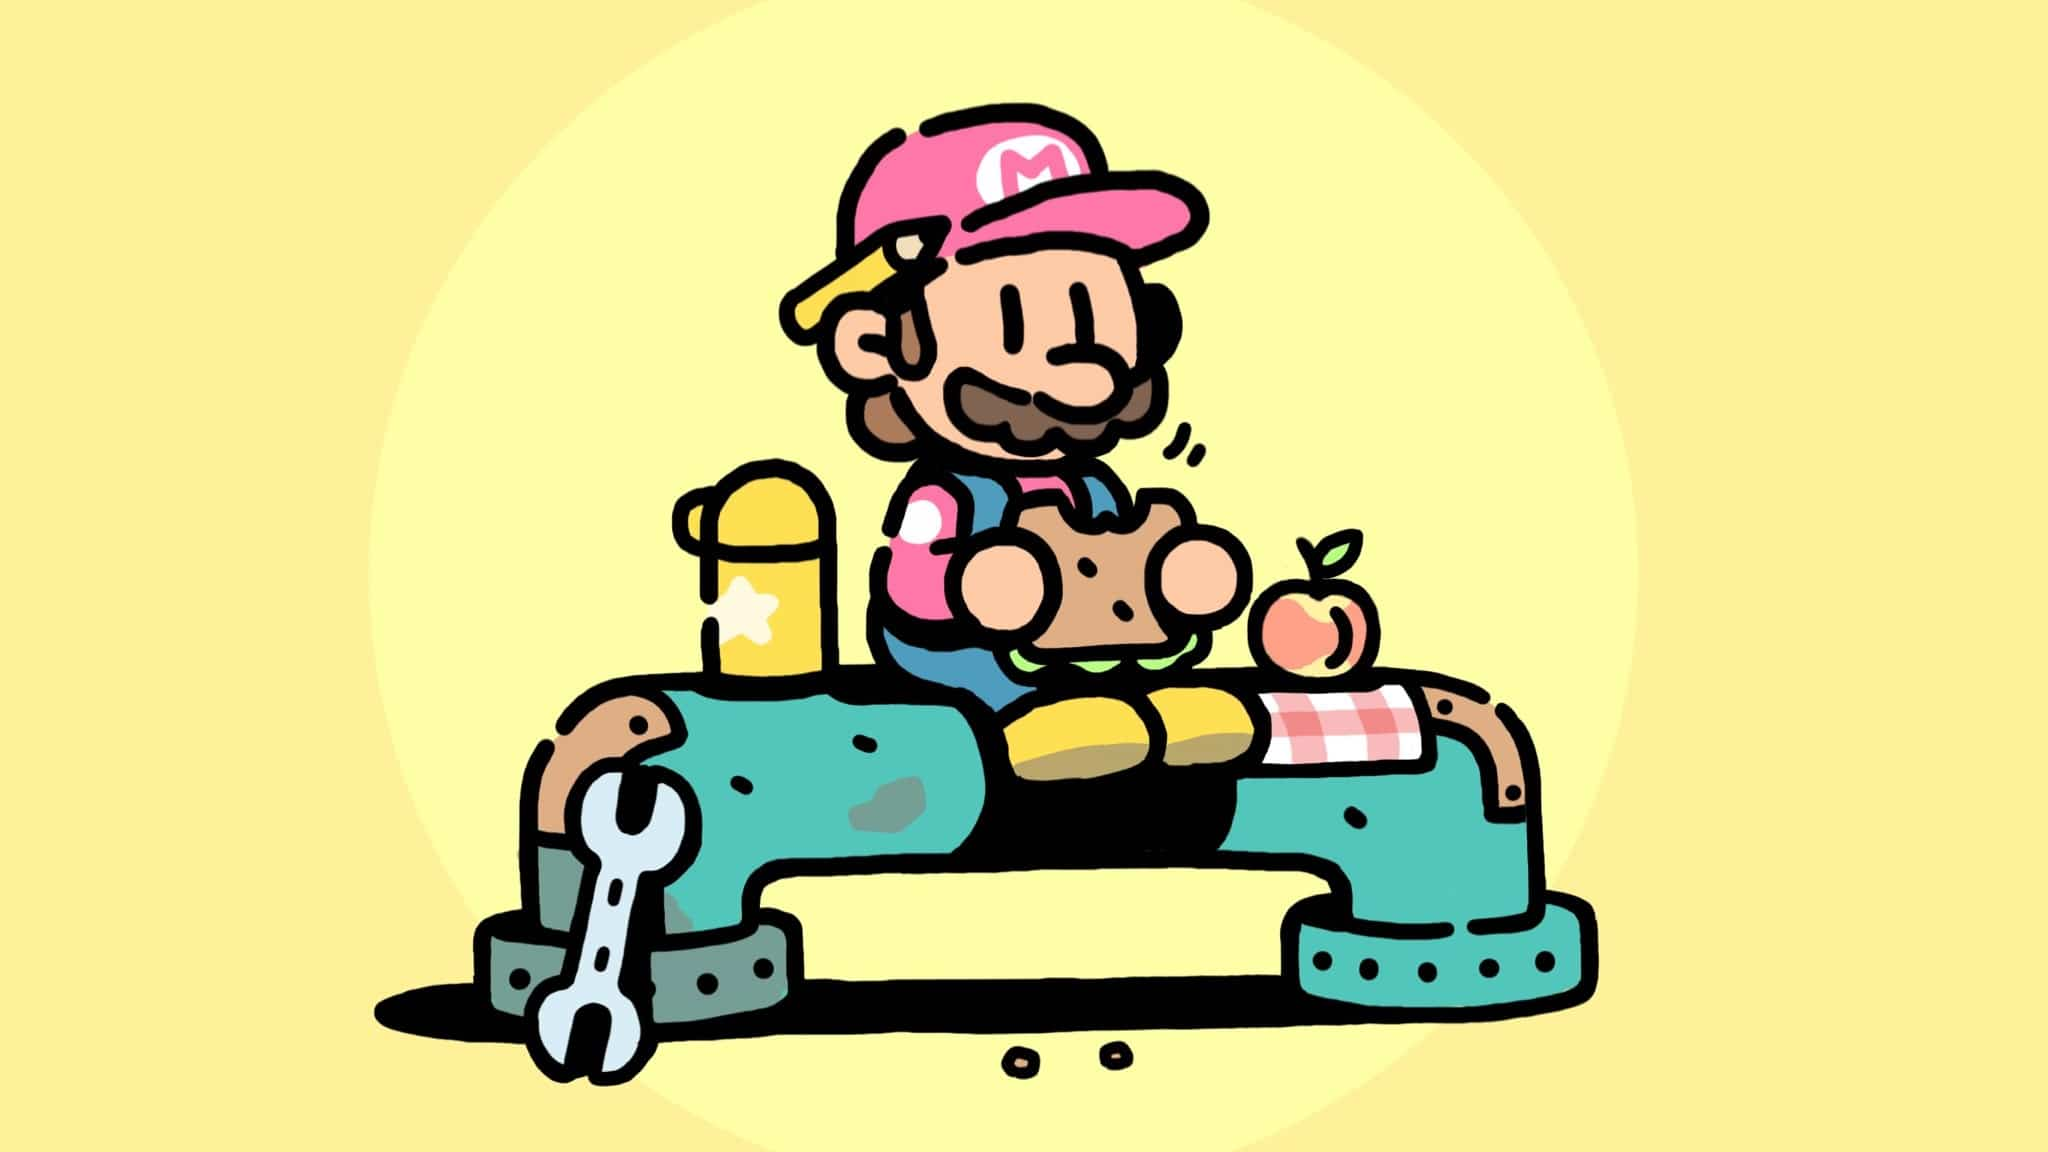 James Turner, el director artístico de Pokémon Espada y Escudo, publica estas ilustraciones de Super Mario como fontanero